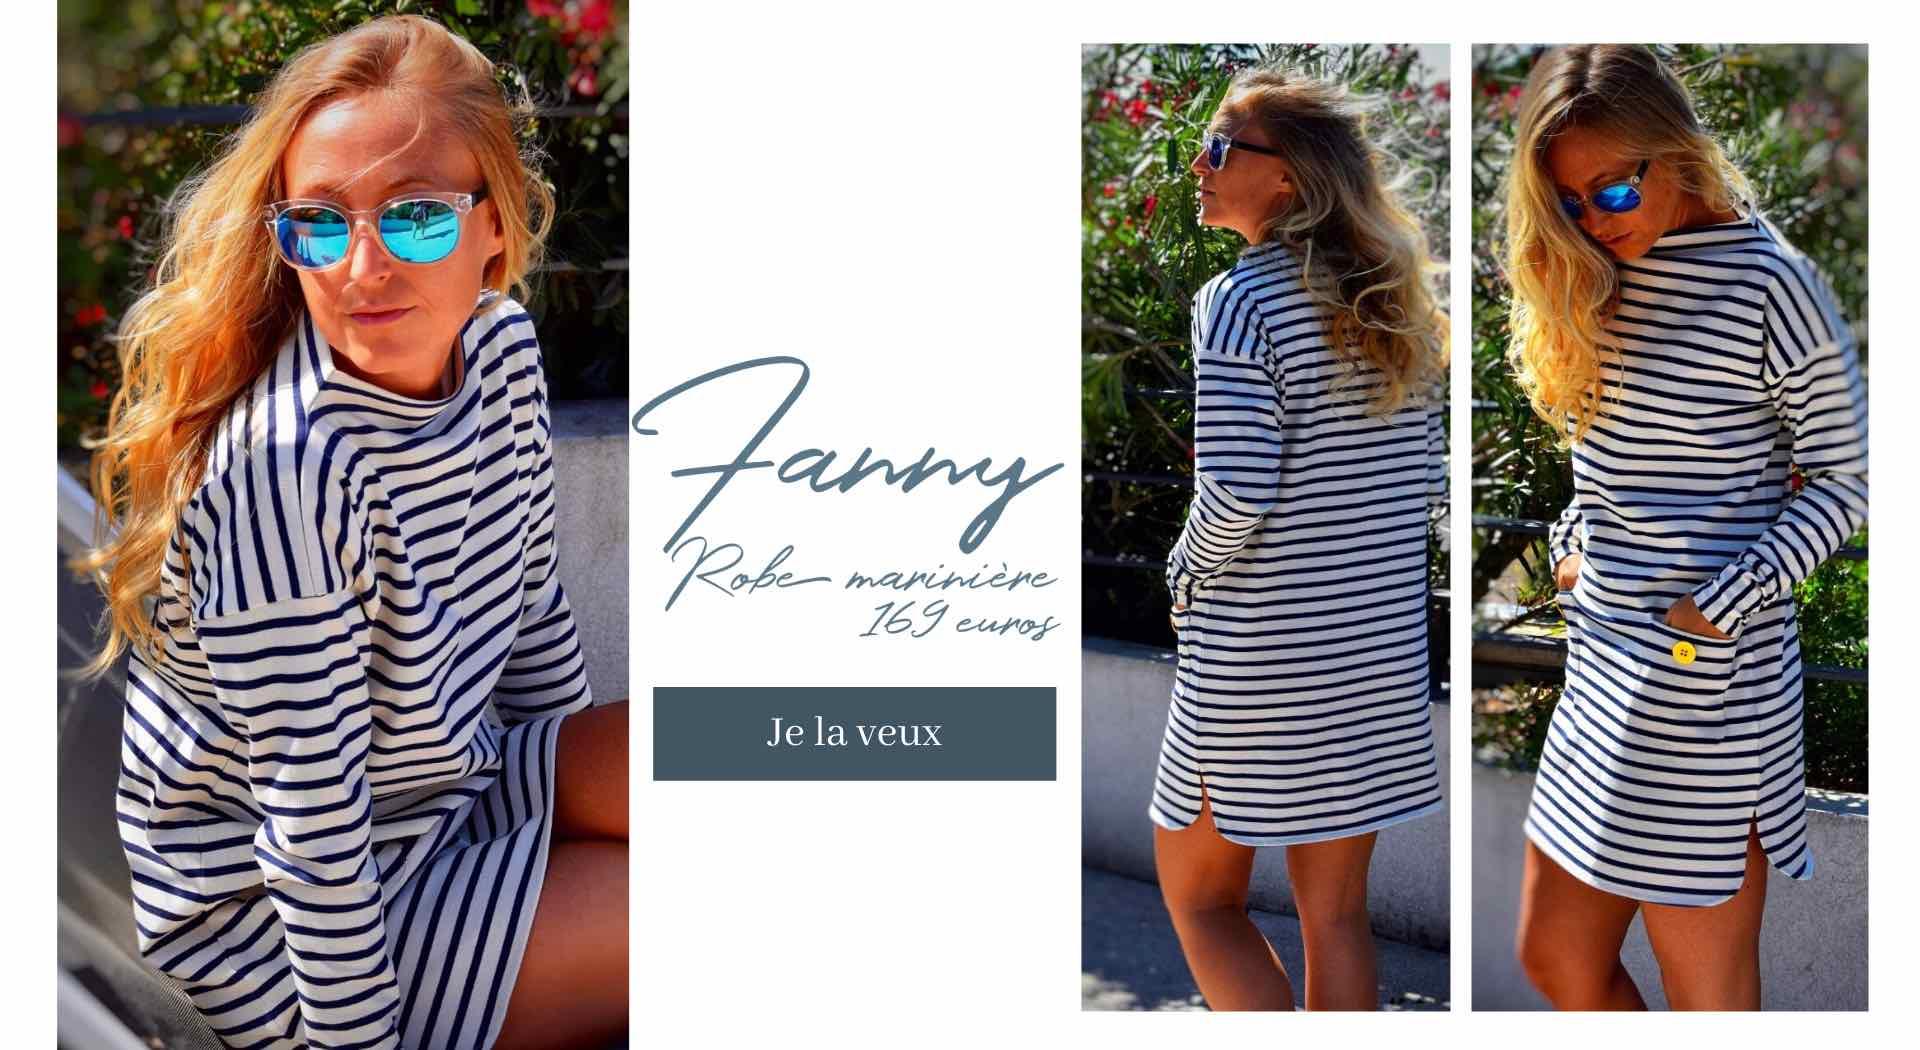 Img-Lookbook-Fanny_Mapetiterobefrancaise